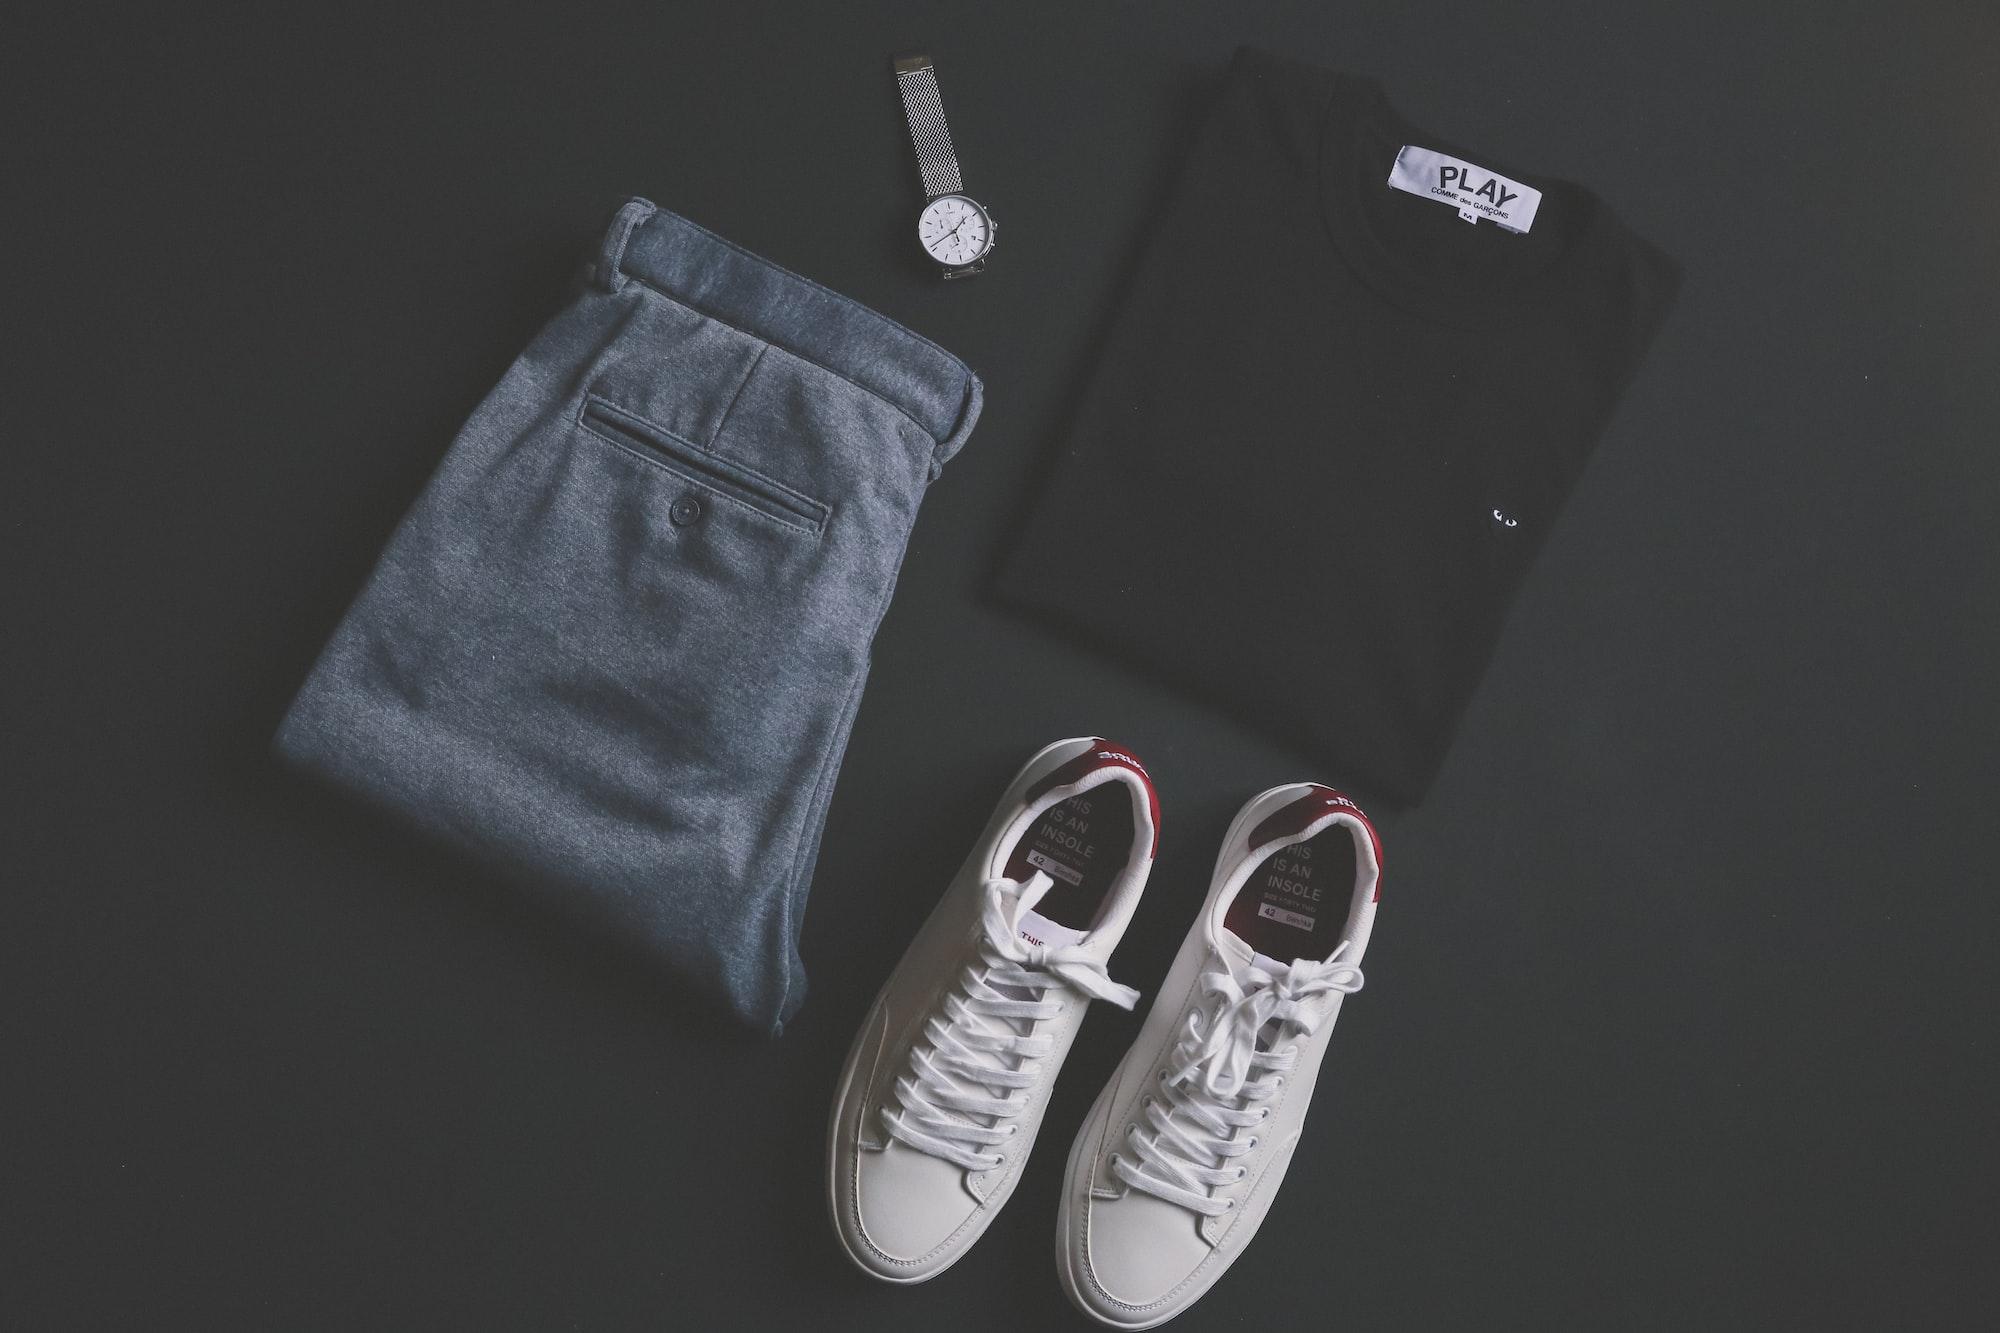 AG Top (Online) Men's Clothing Shops